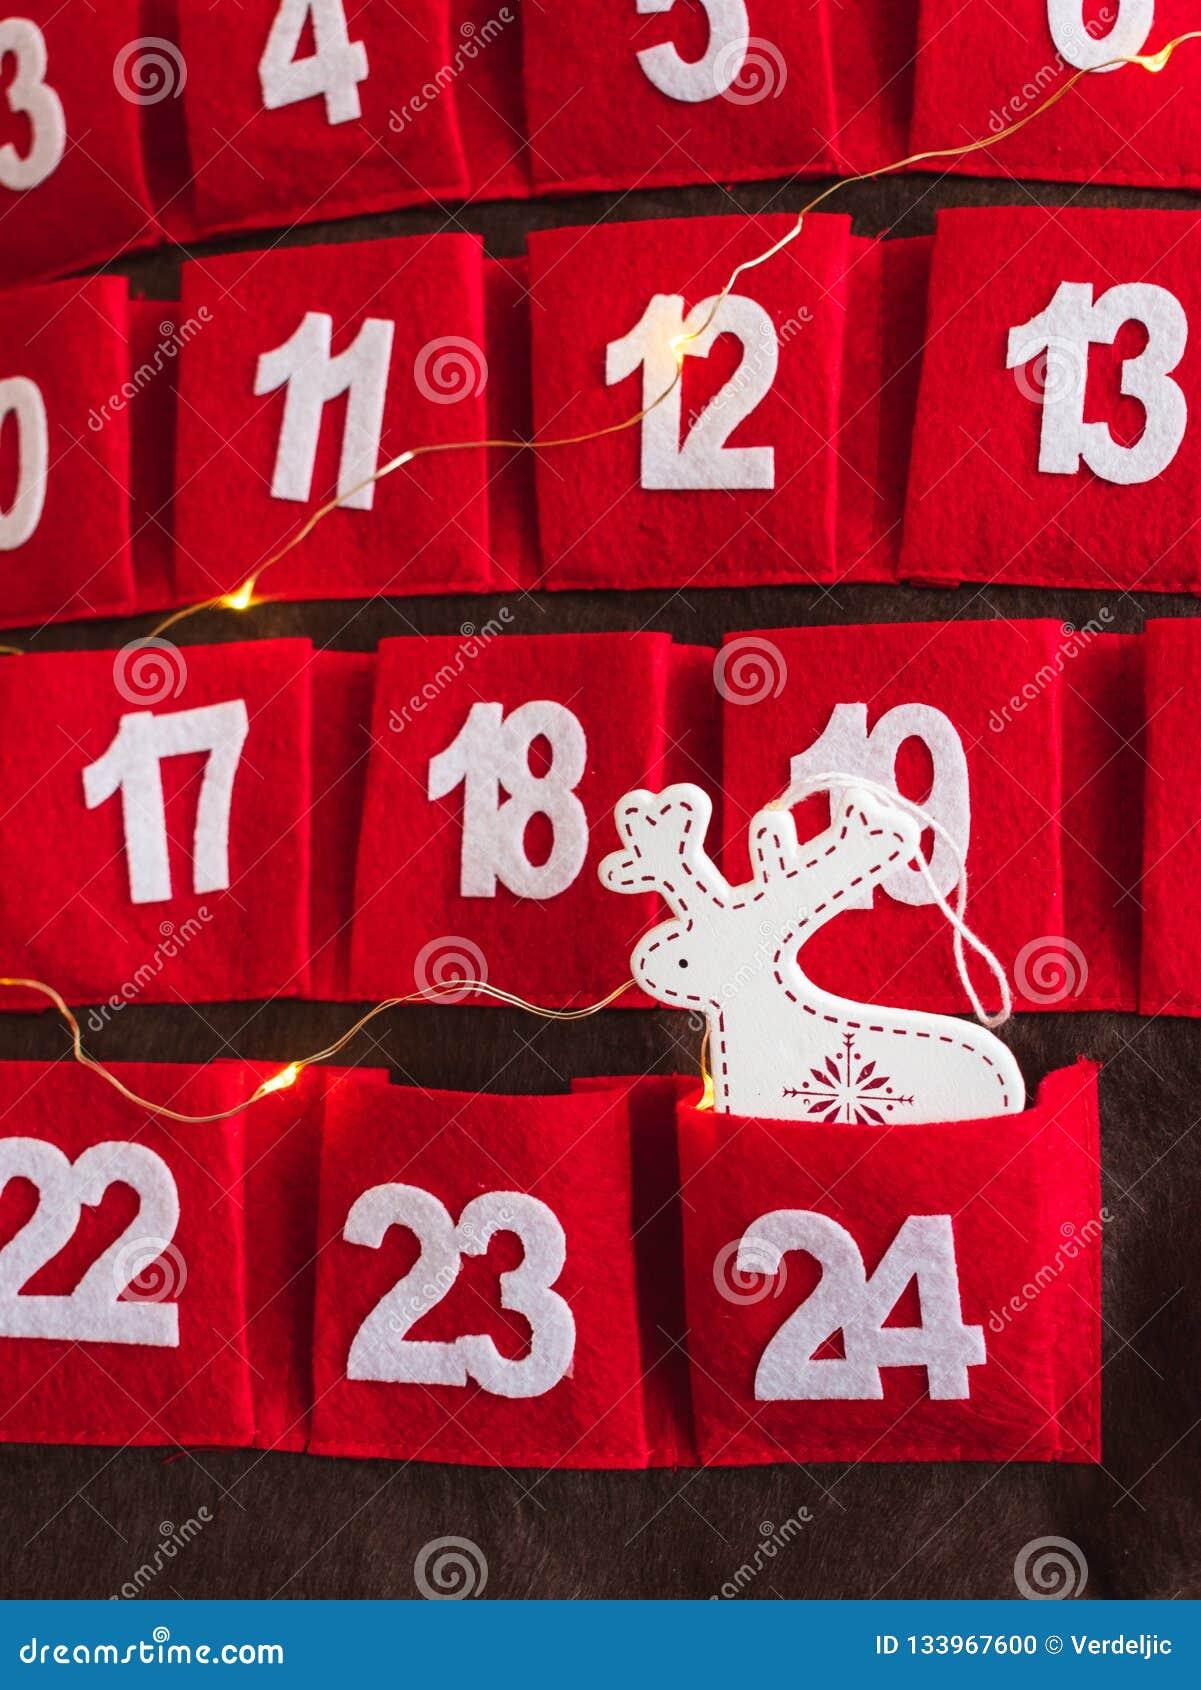 Κόκκινο ημερολόγιο εμφάνισης με την άσπρη διακόσμηση και τα φω τα ελαφιών βροχής